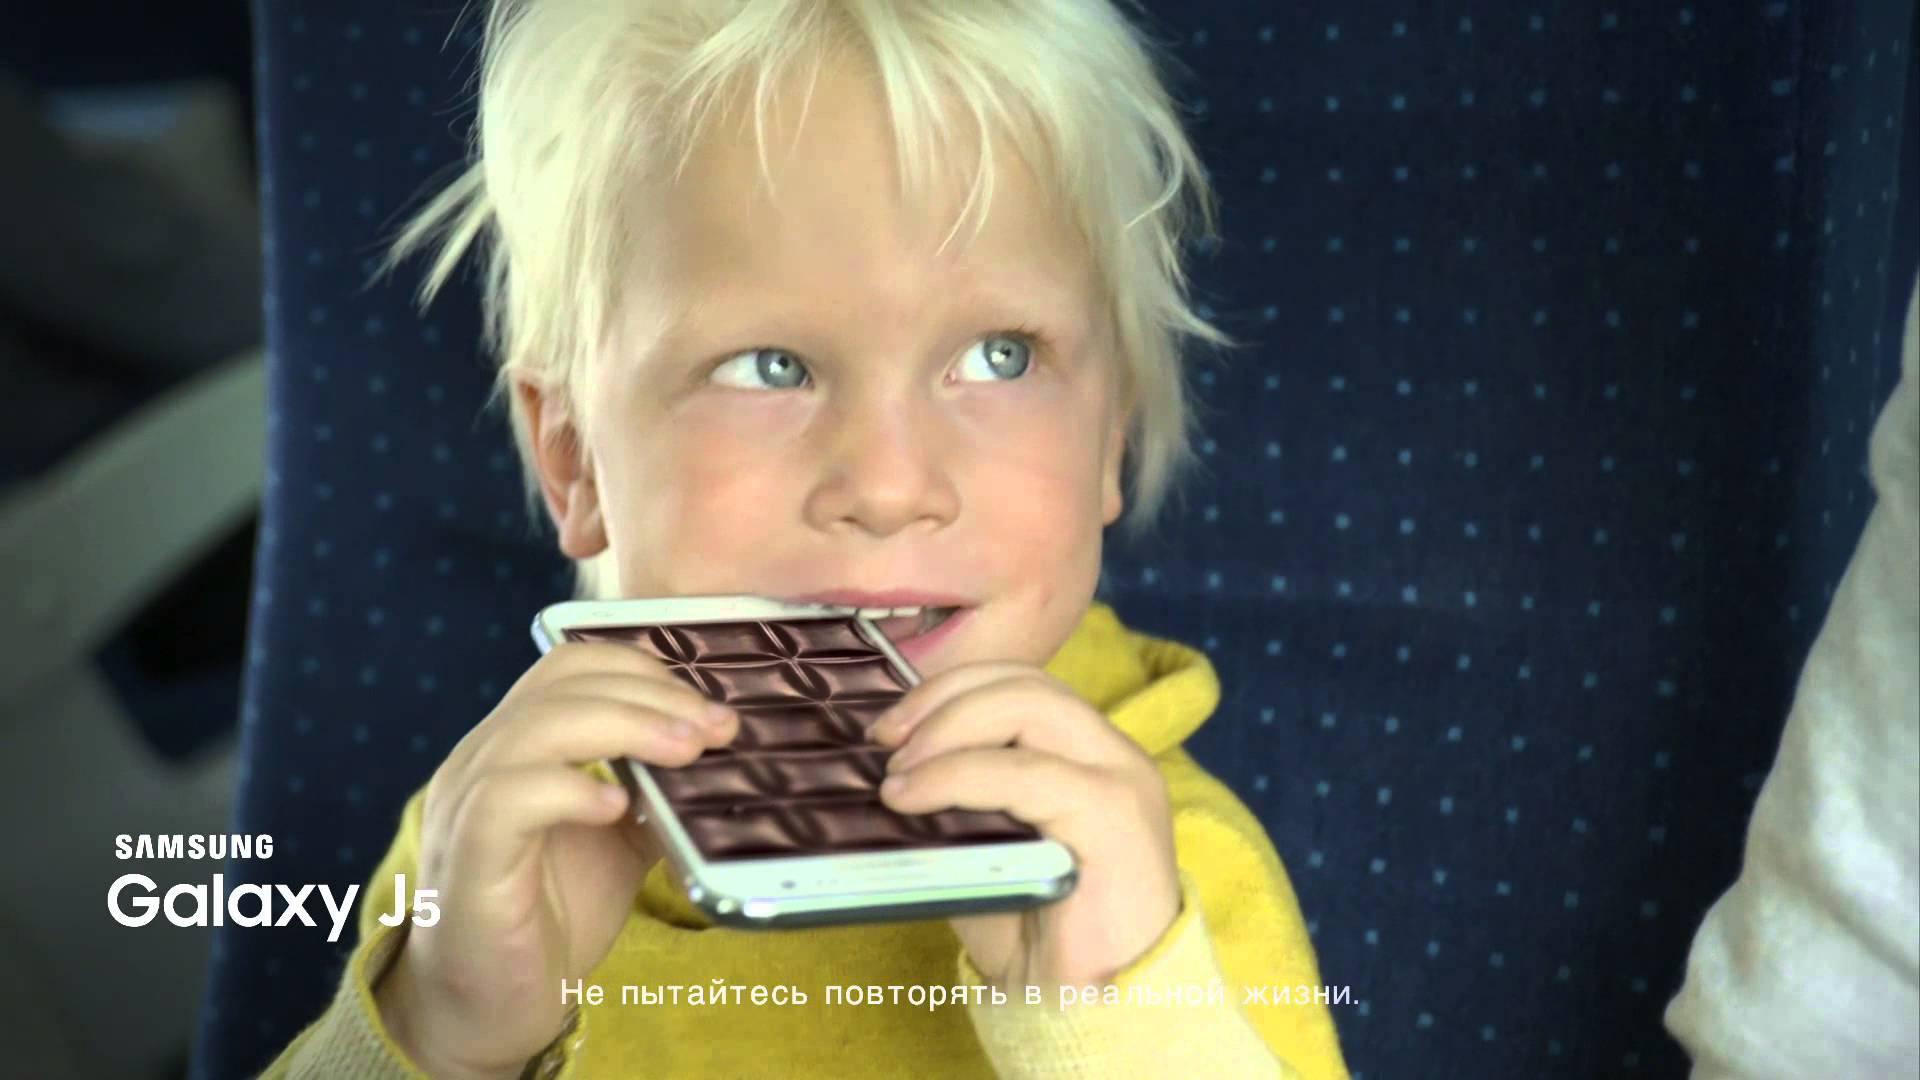 Samsung Galaxy J5 LTE - для самых ярких впечатлений